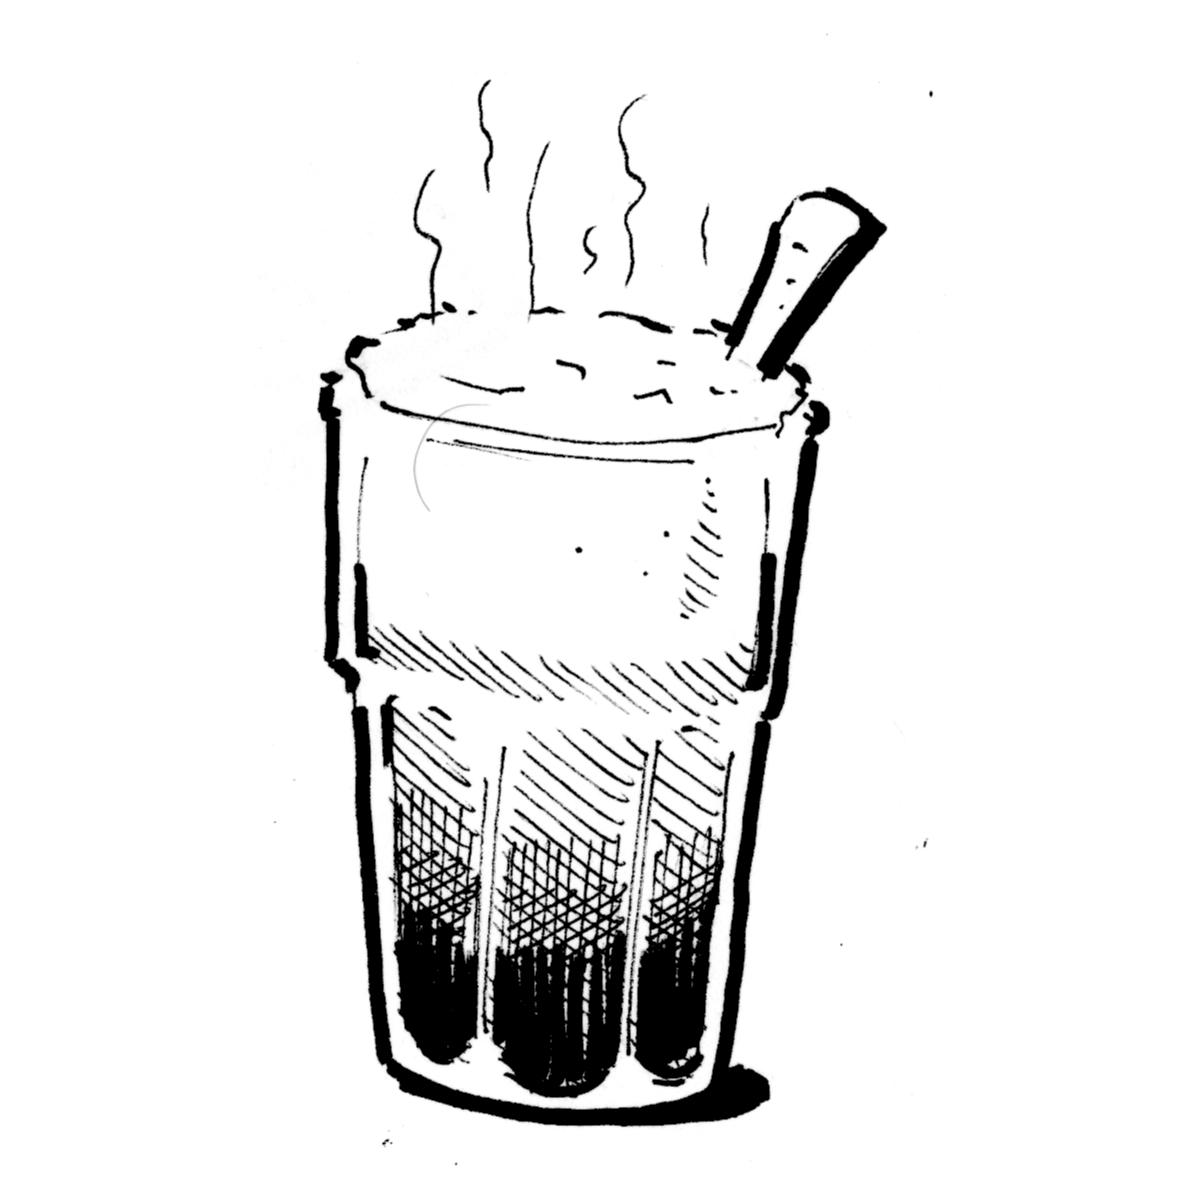 11-vignette-food-menu-hardcore-coffee.jpg